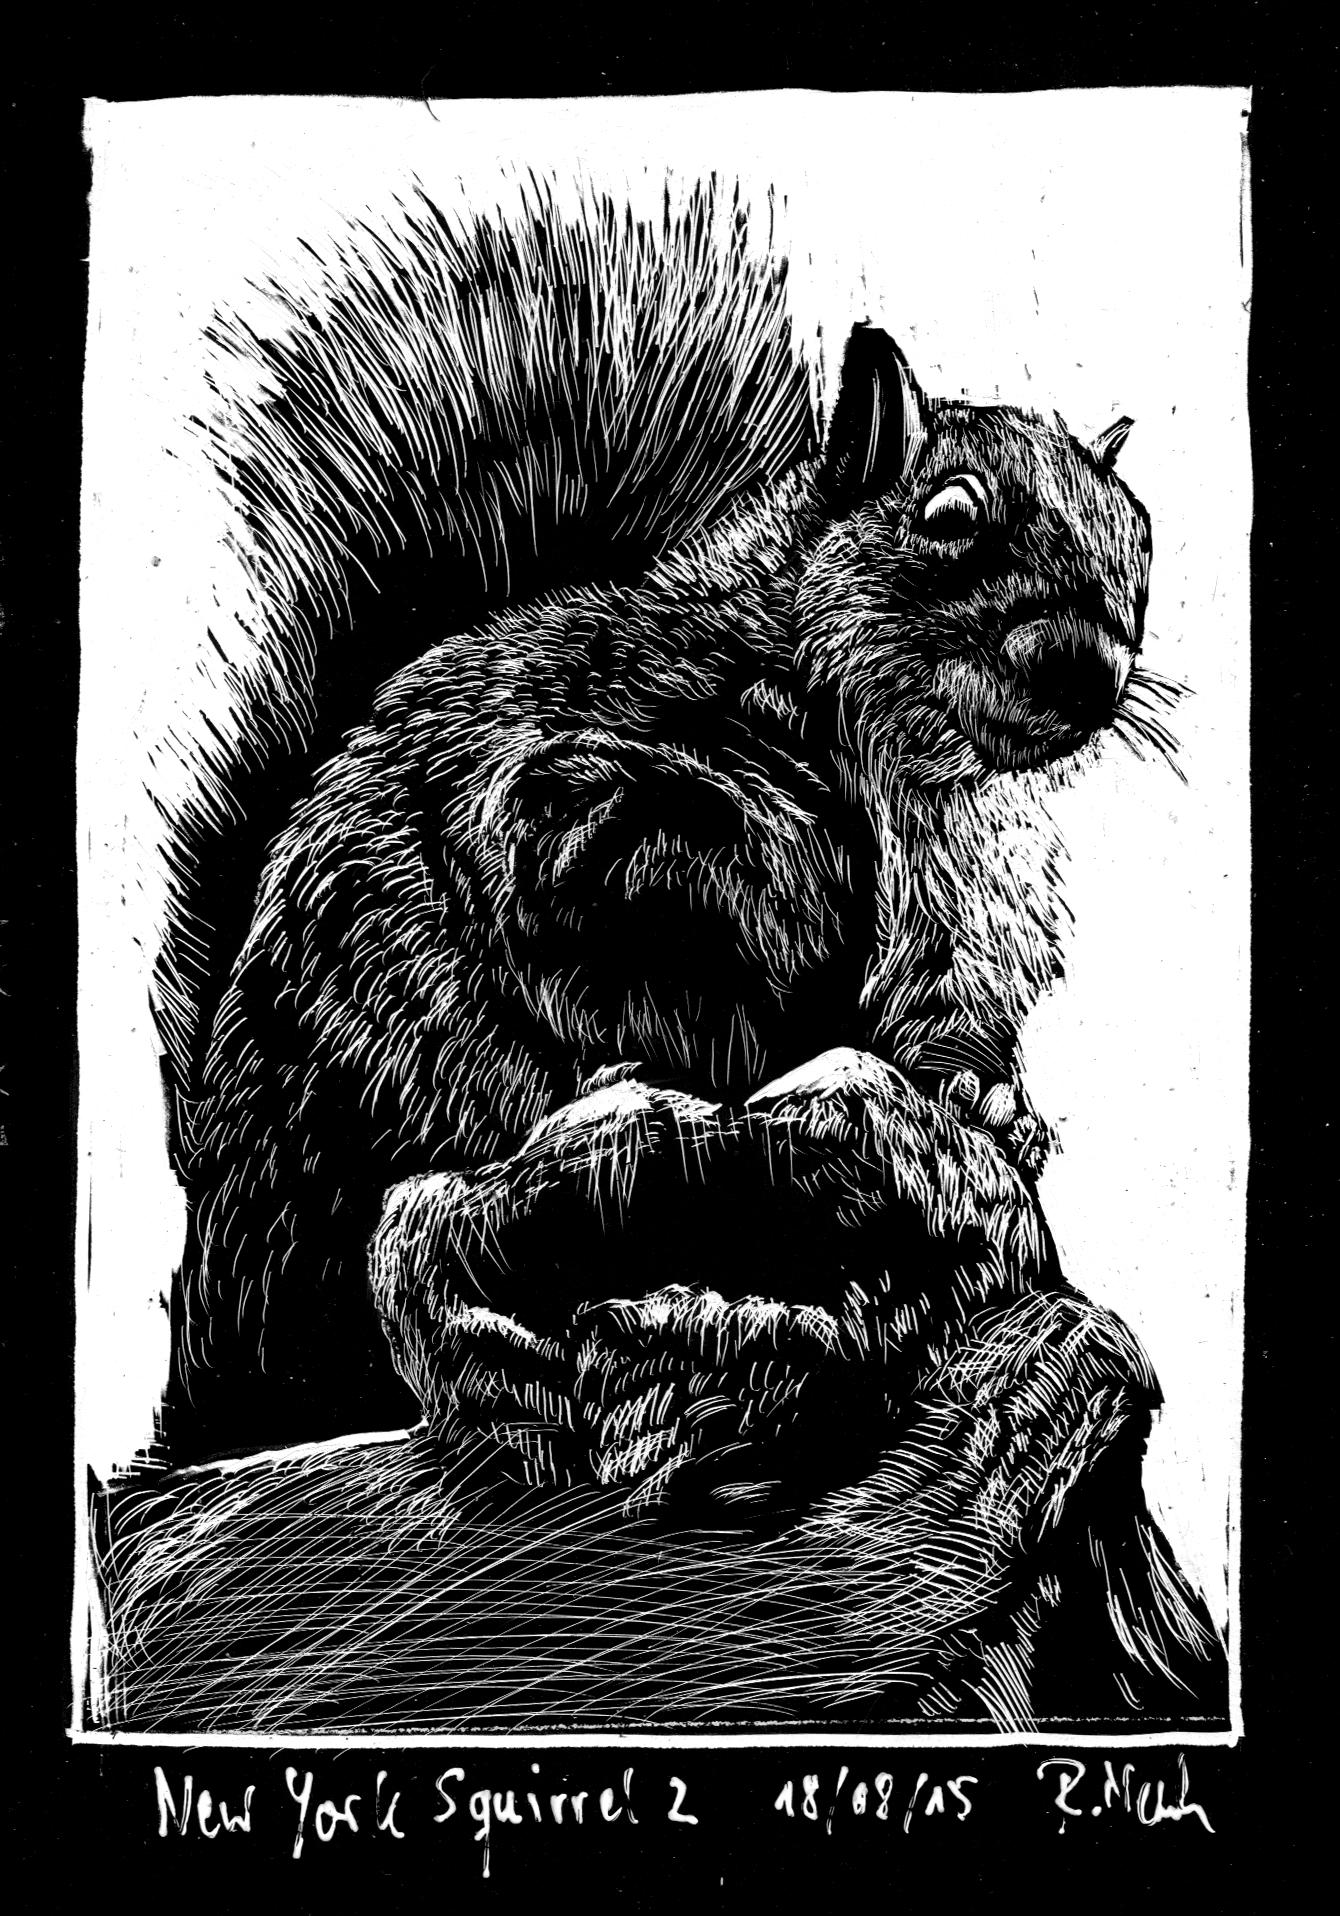 180815_squirrel